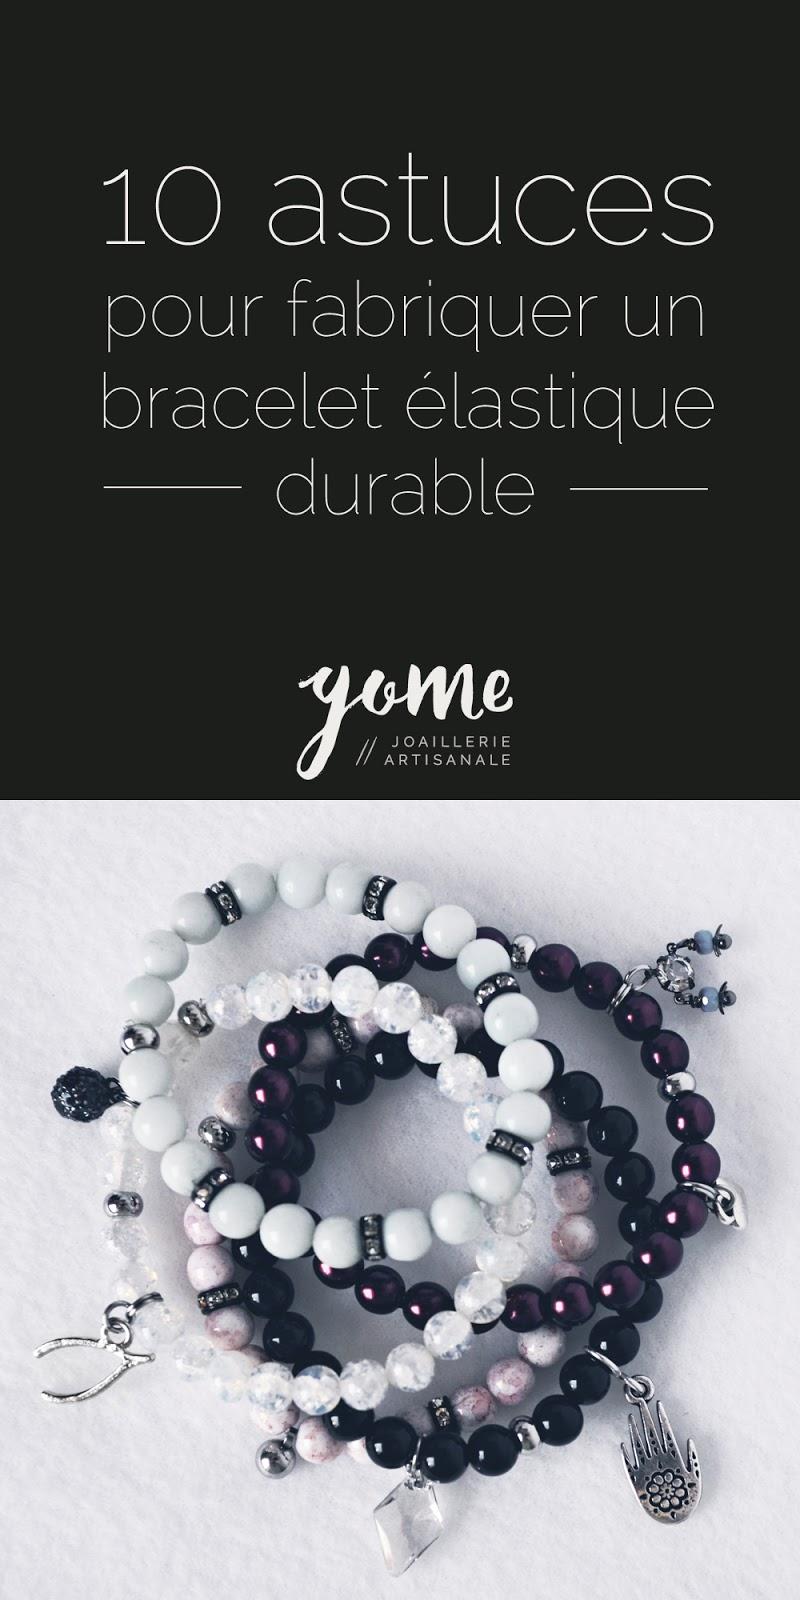 10 astuces pour fabriquer un bracelet lastique durable gome metalsmith joaillerie artisanale - Comment faire un bracelet elastique ...